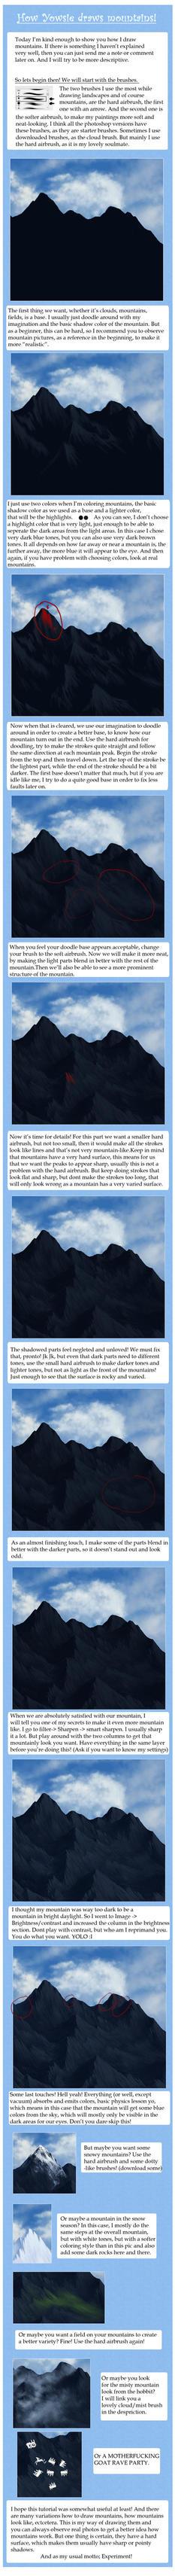 Mountain Tutorial by Yowsie